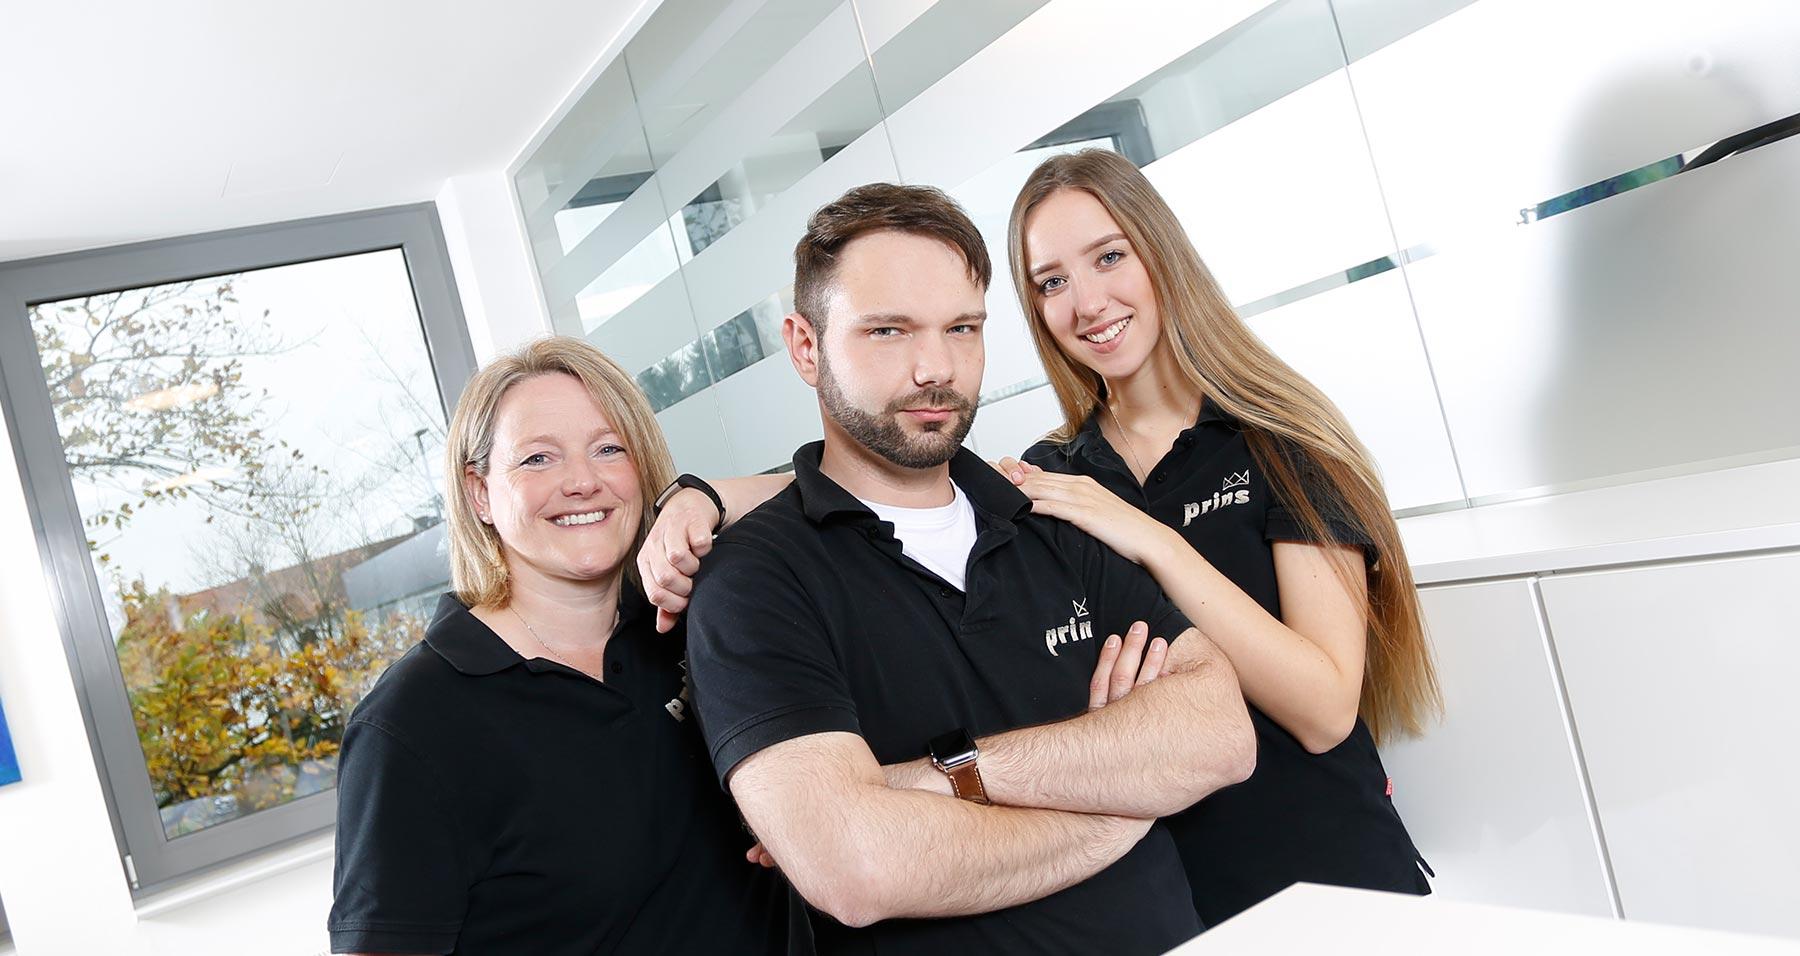 Team Zahnprins für eine schonende Zahnwurzelbehandlung (Endodontie) Langenhagen